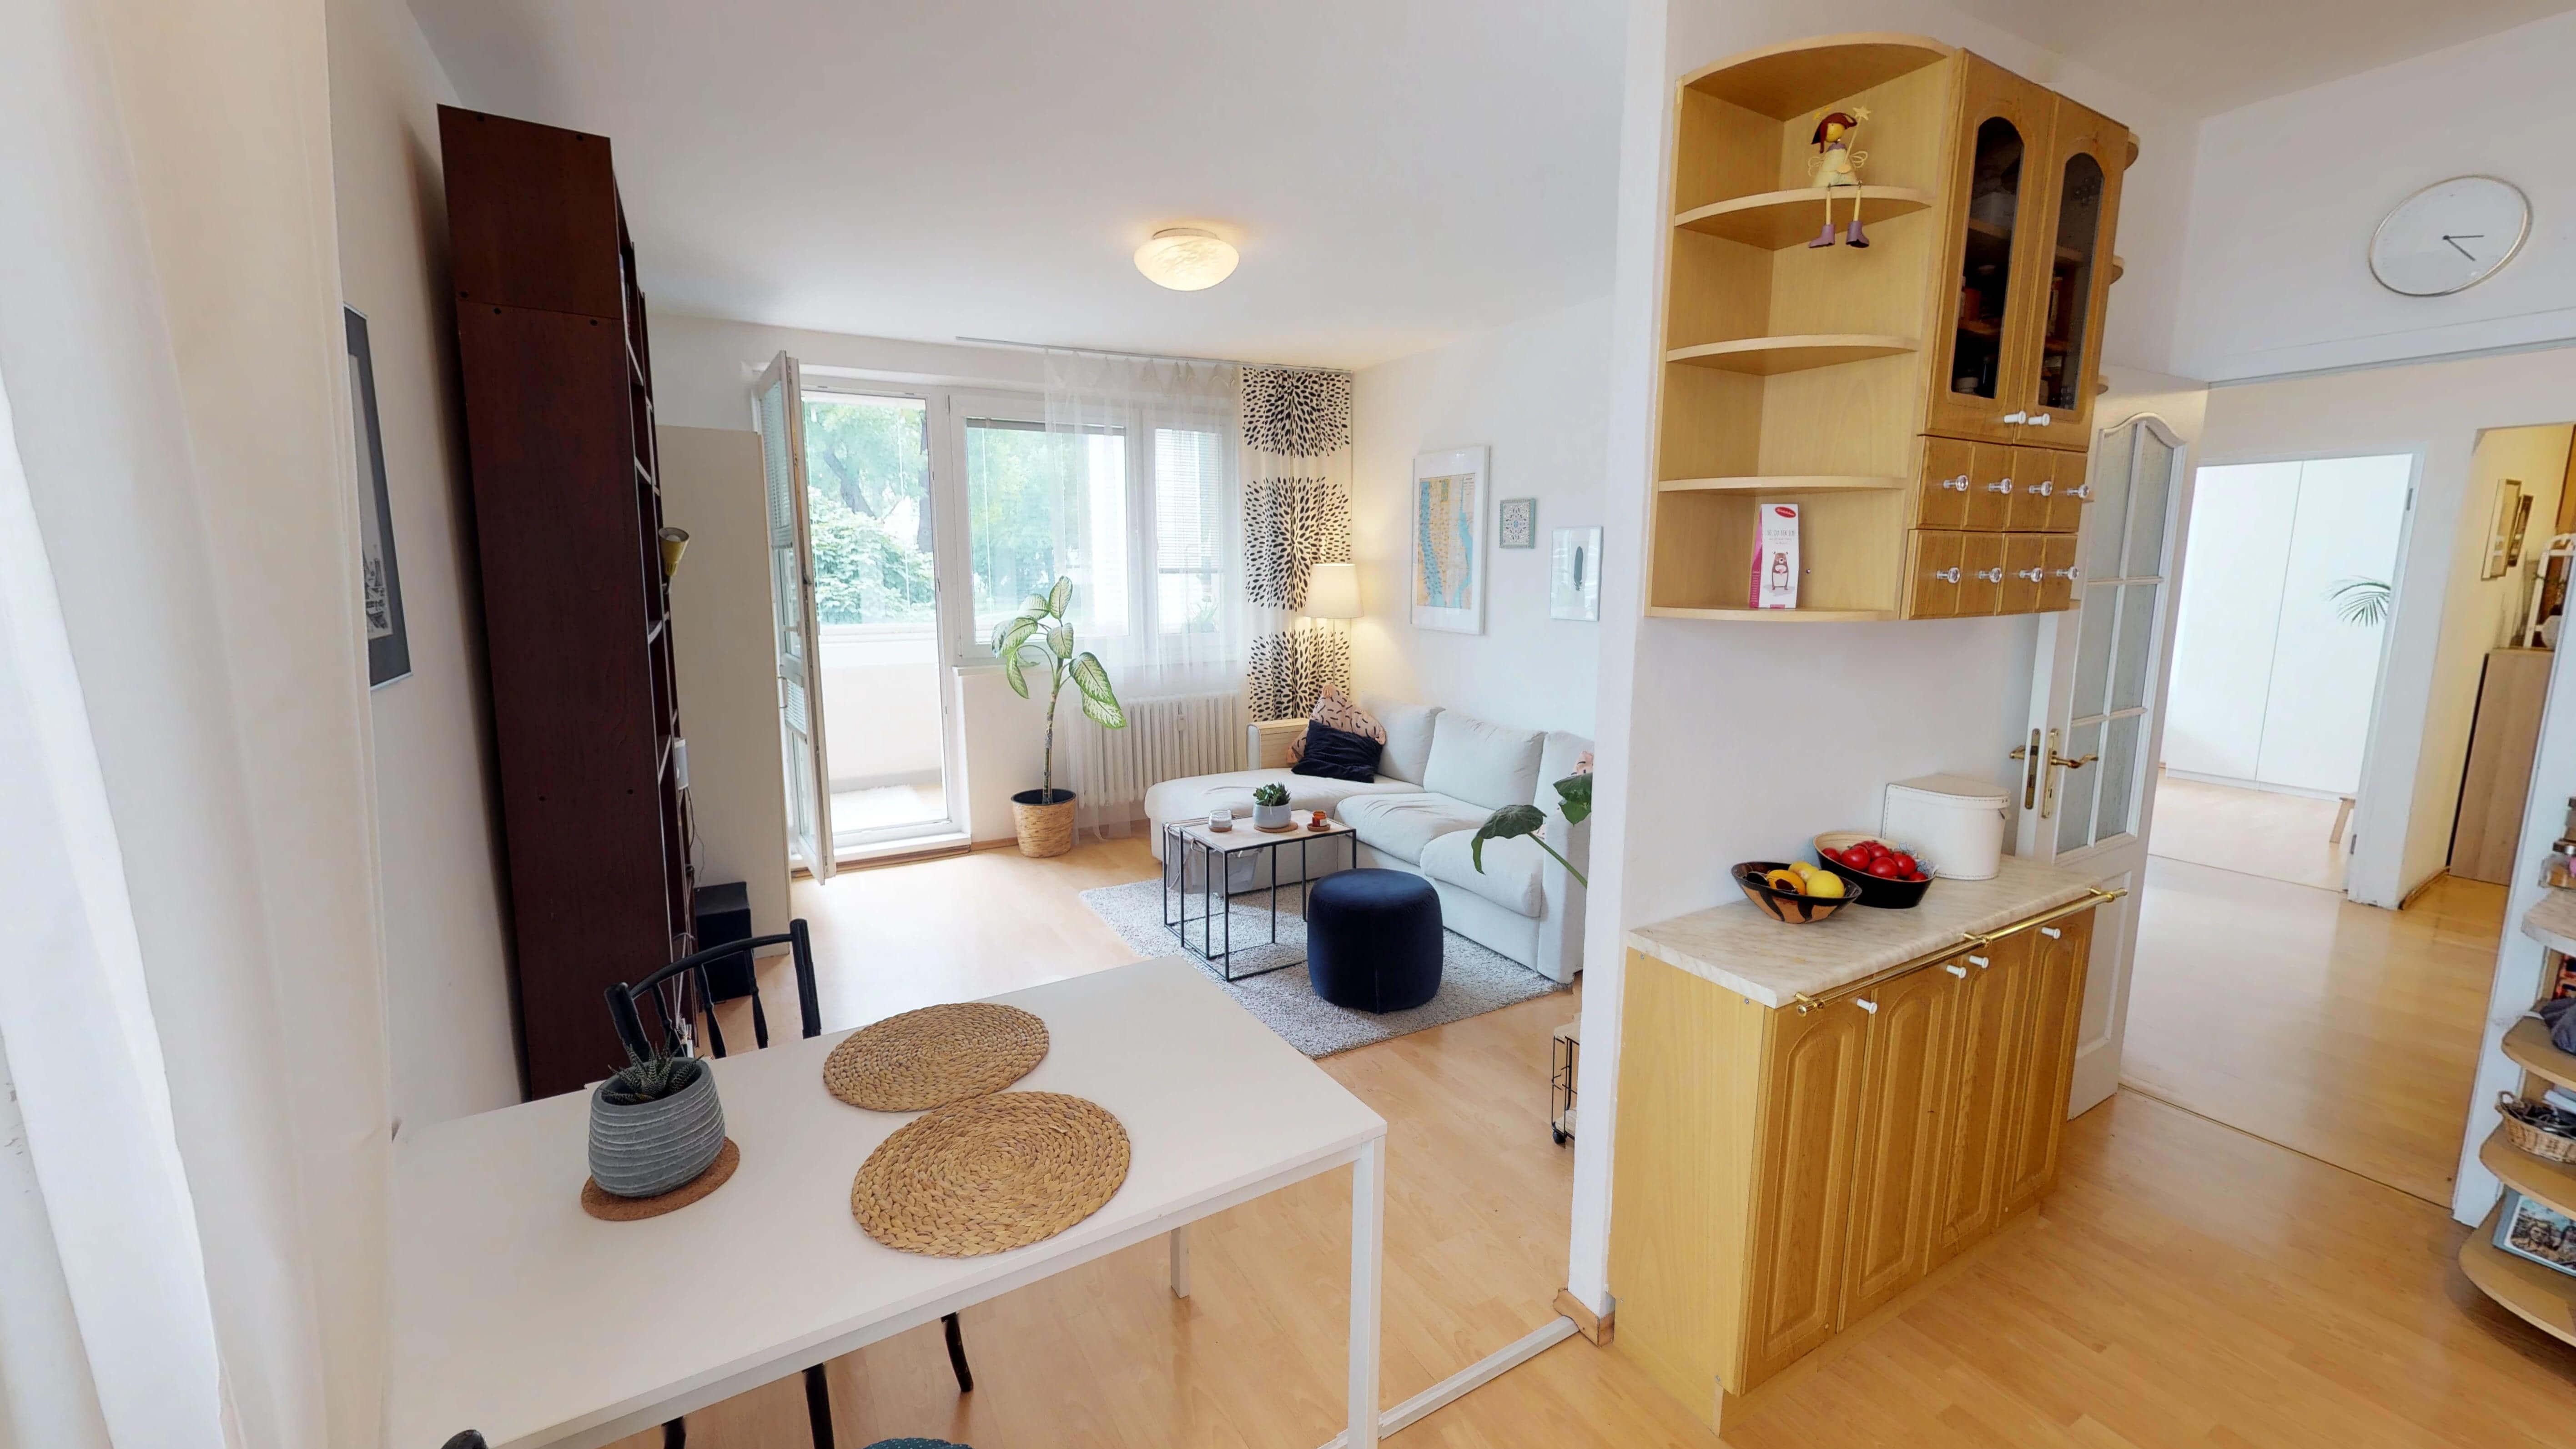 Predané Predaj exkluzívneho 3 izb. bytu,v Ružinove, ulica Palkovičová, blízko Trhoviska Miletičky v Bratislave, 68m2, kompletne zariadený-21